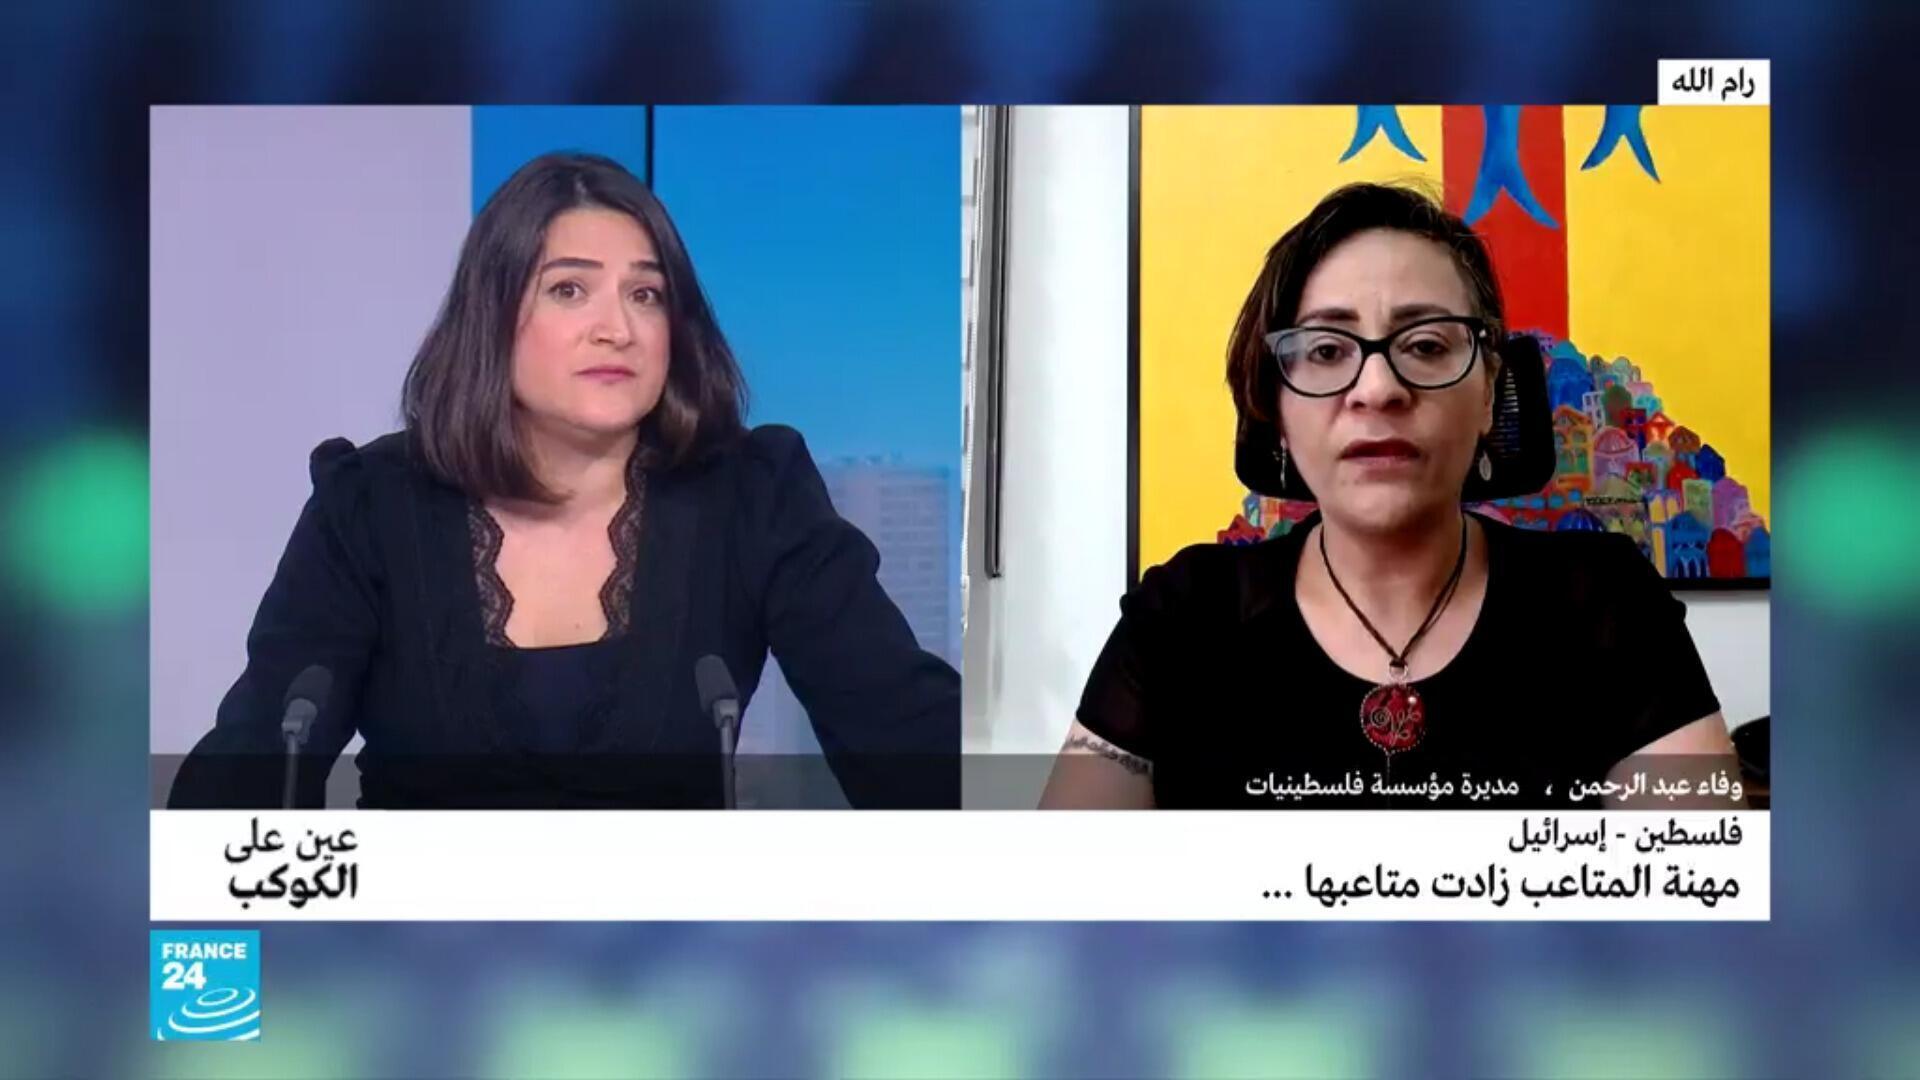 غزة: مهنة المتاعب زادت متاعبها!